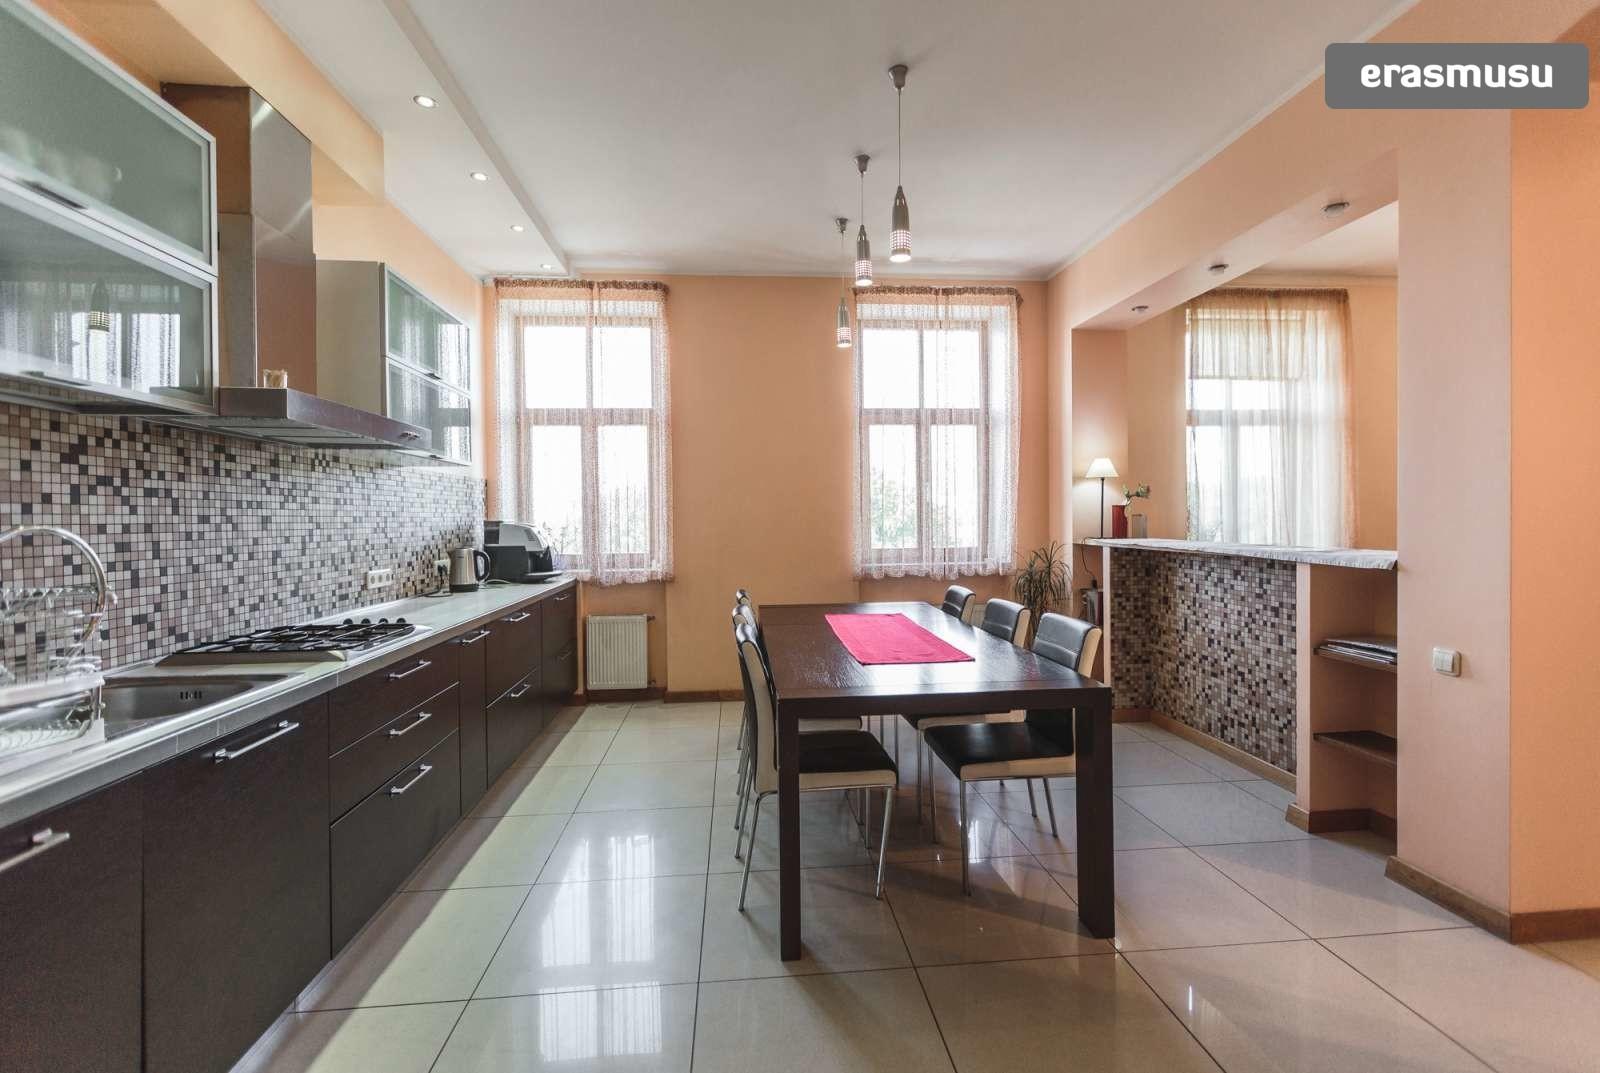 modern-4-bedroom-apartment-rent-centrs-e339c64bc1d2d5407aab8cd7e